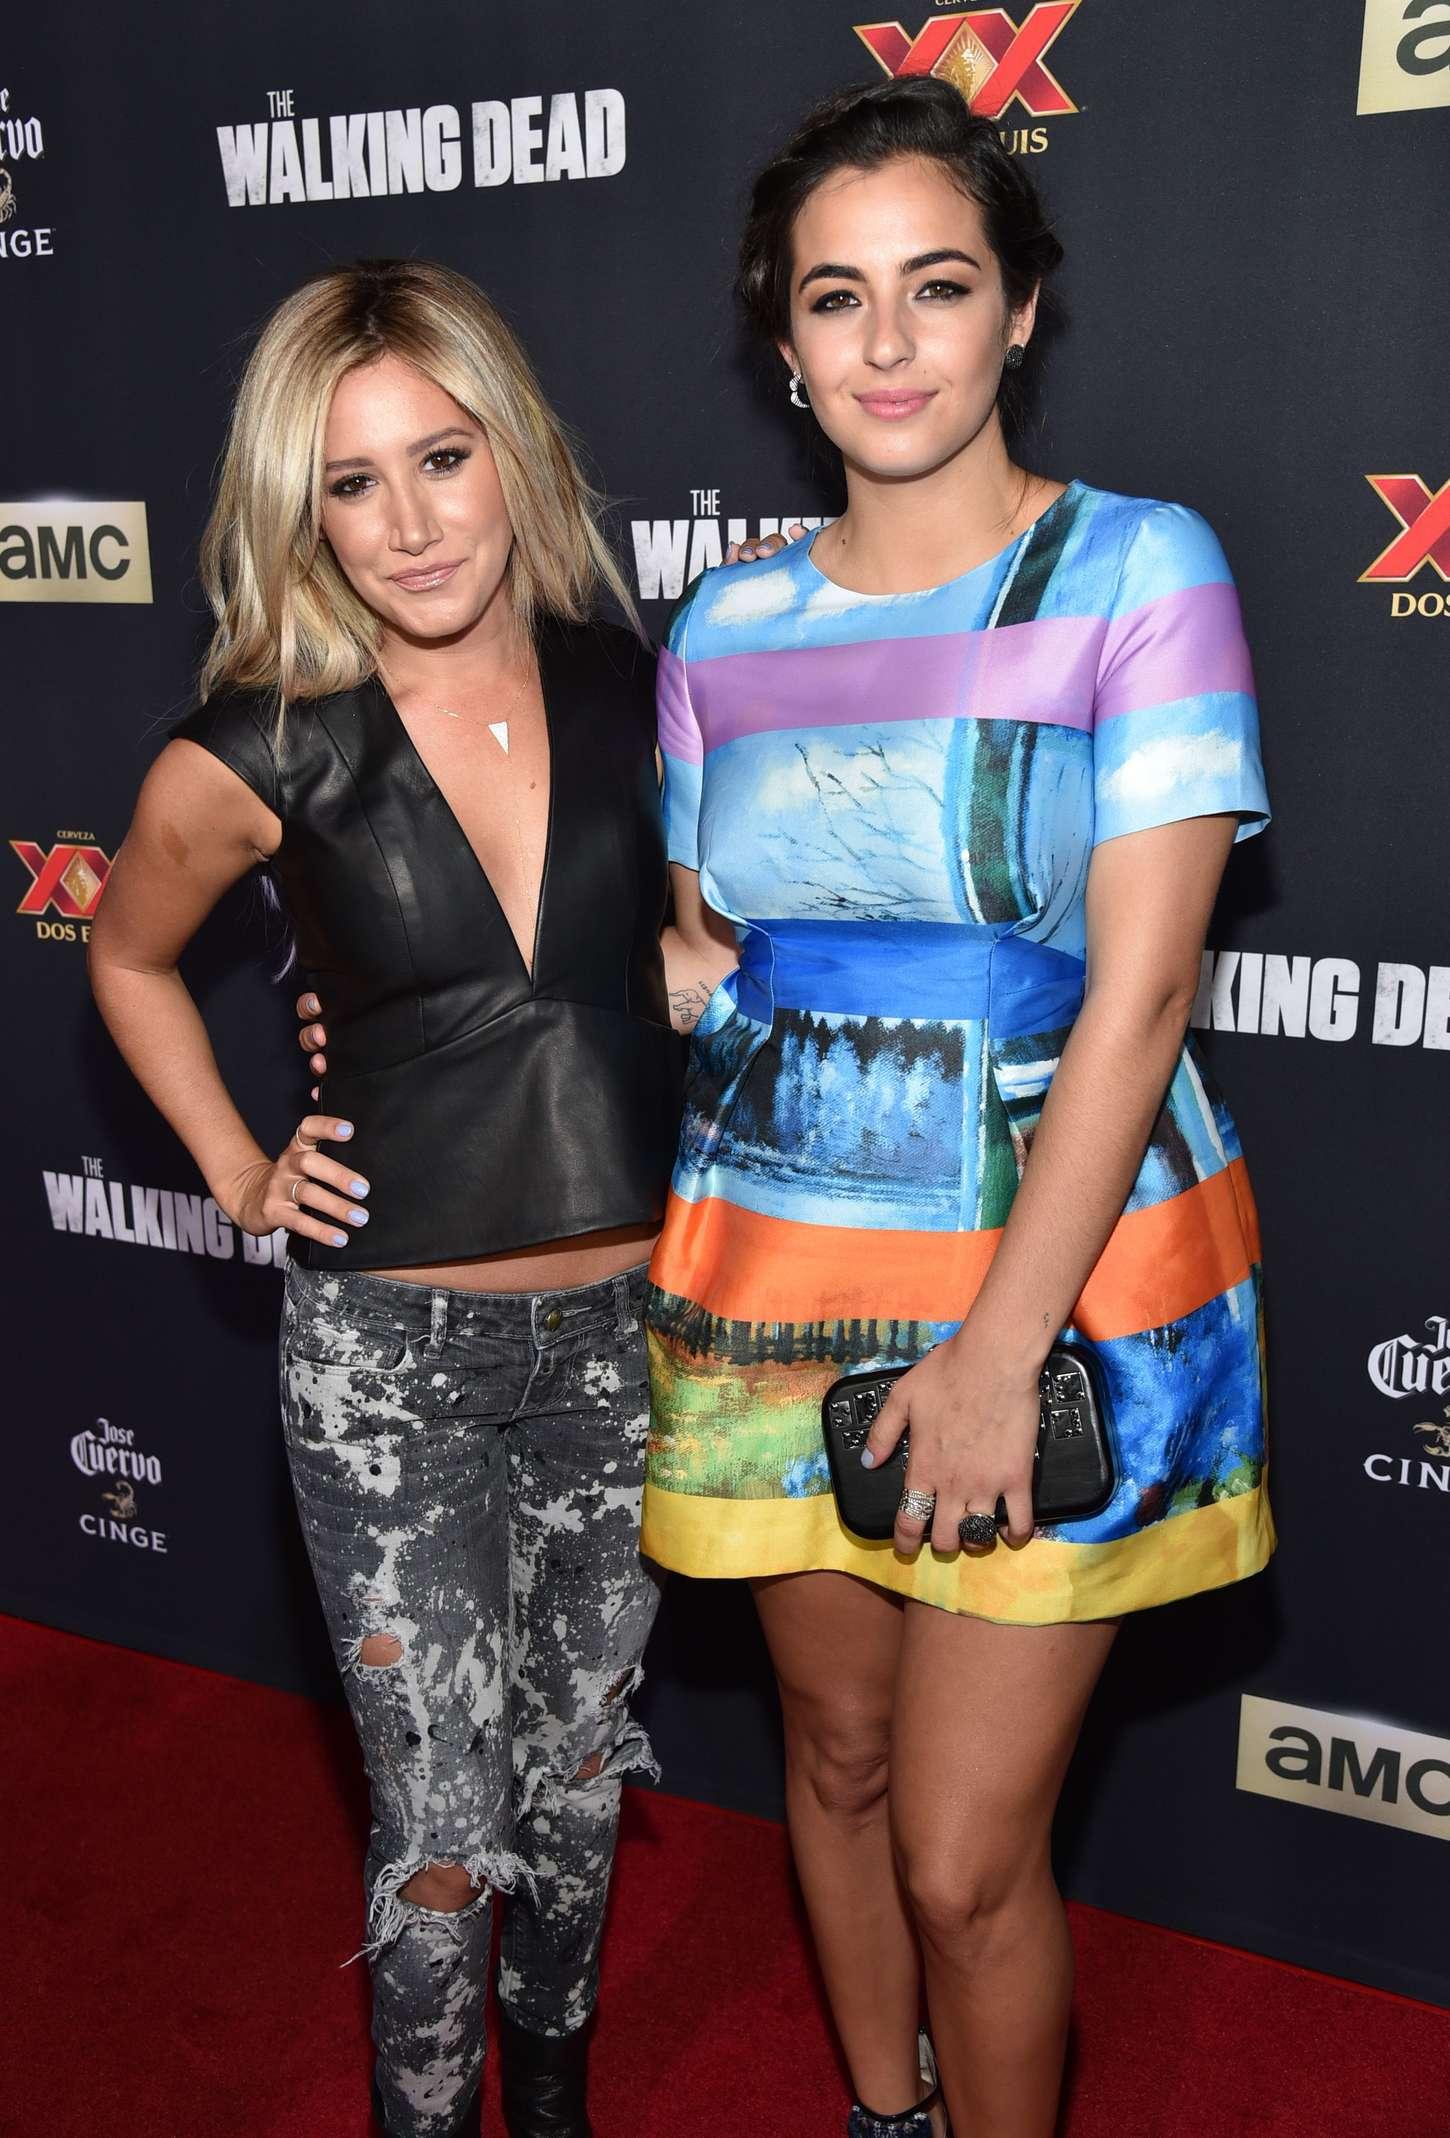 Alanna Masterson 2014 : Alanna Masterson: The Walking Dead Season 5 Premiere -10